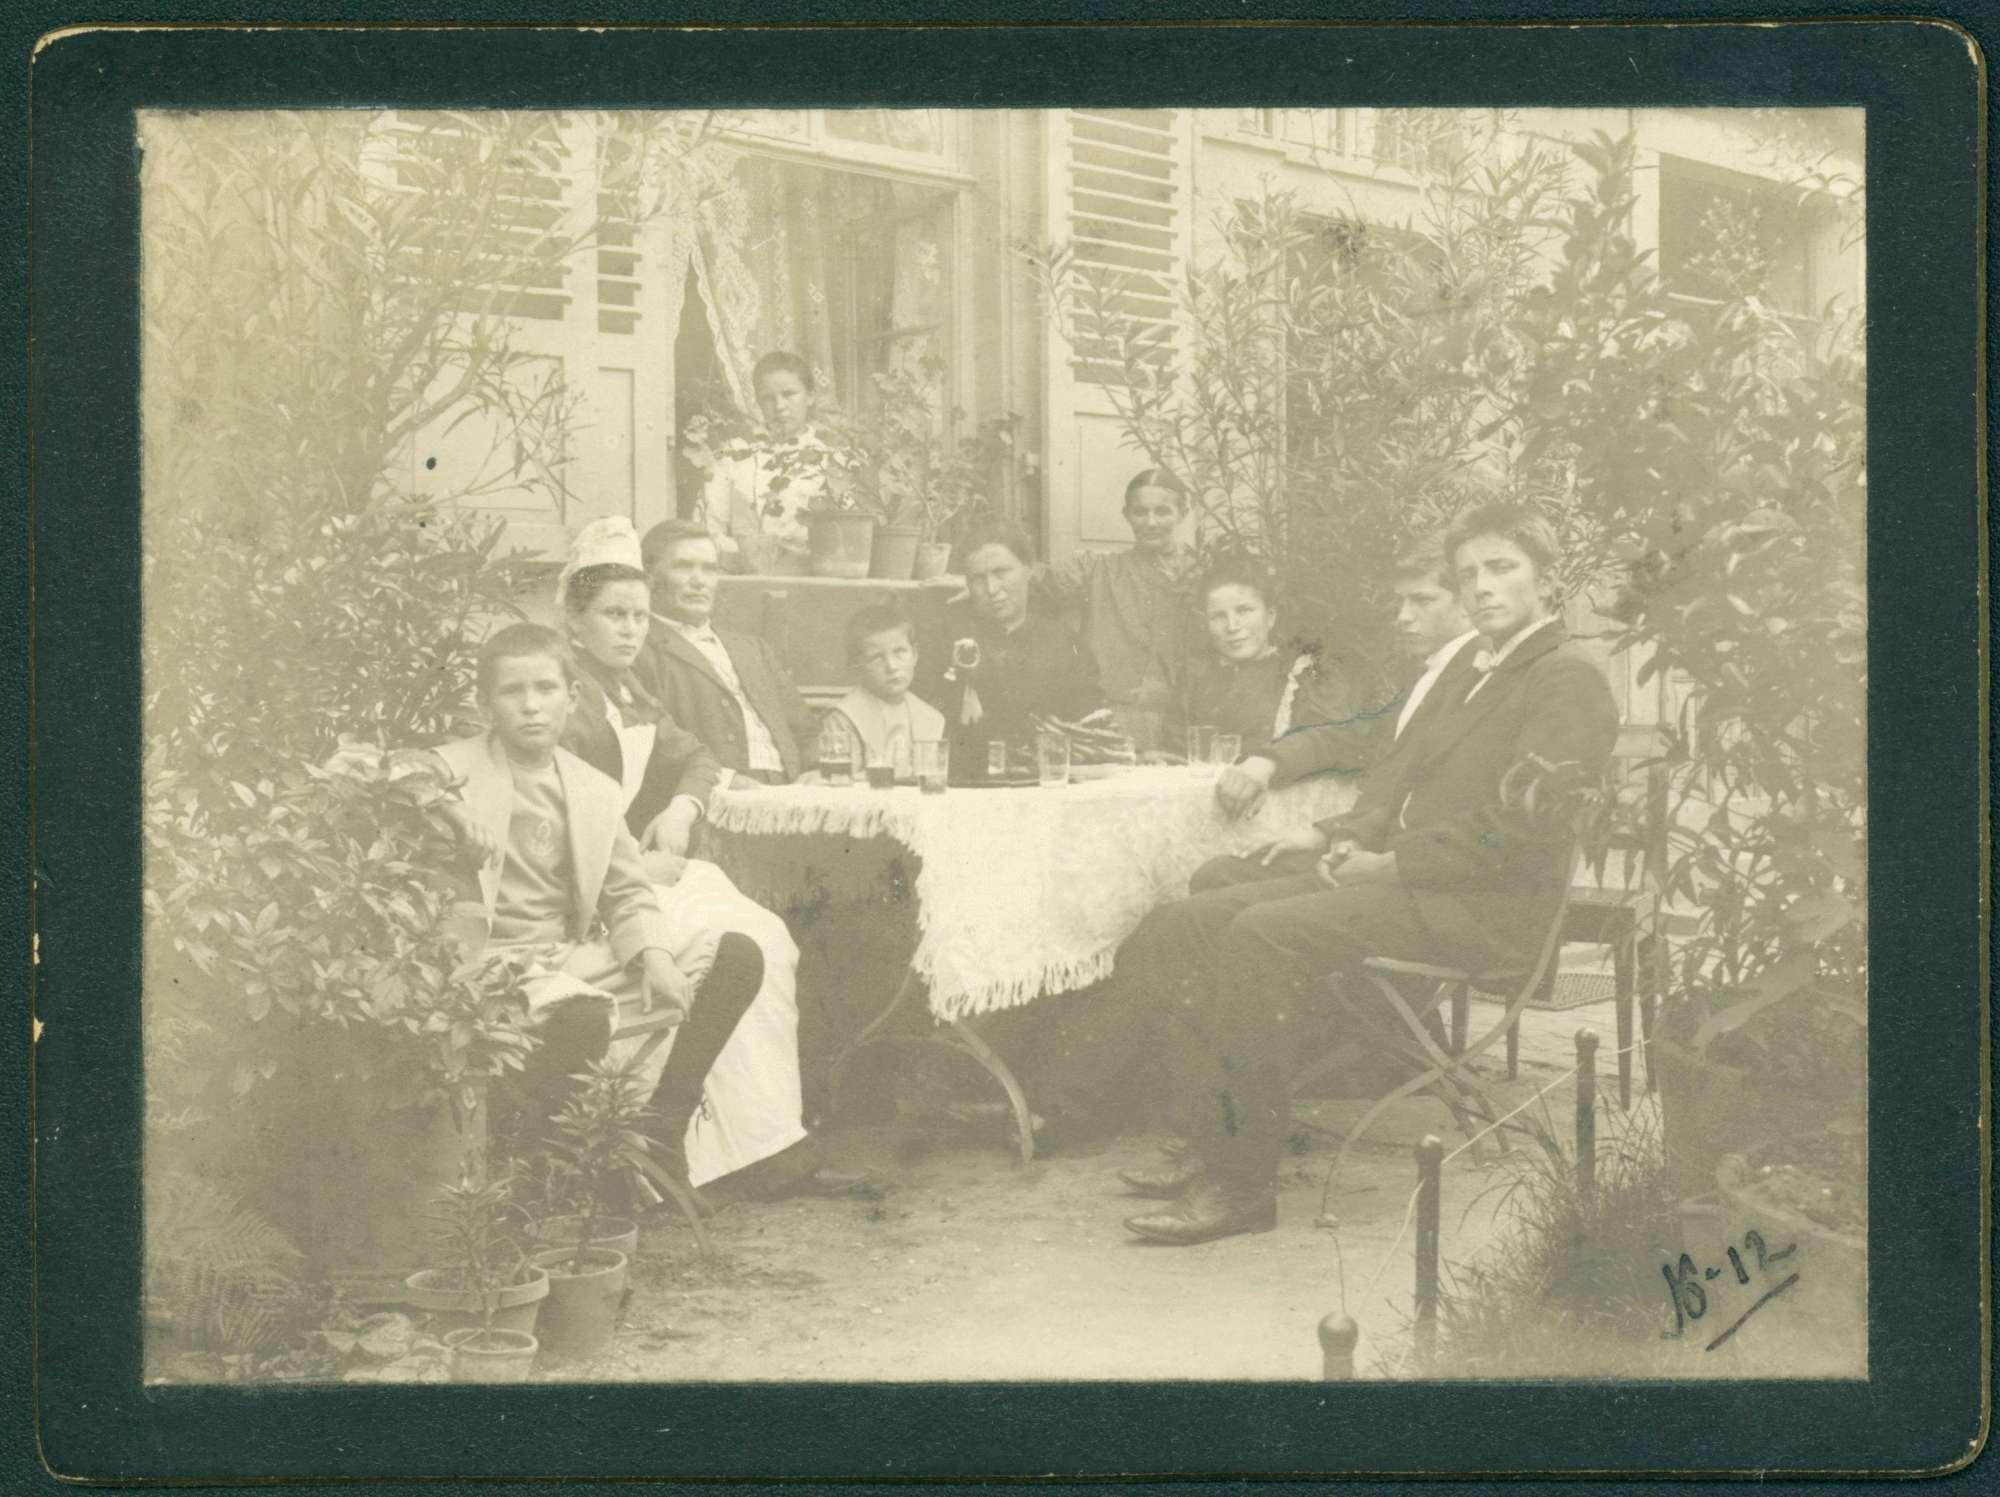 Garten, Gruppe Blinder mit Krankenschwester., Bild 1